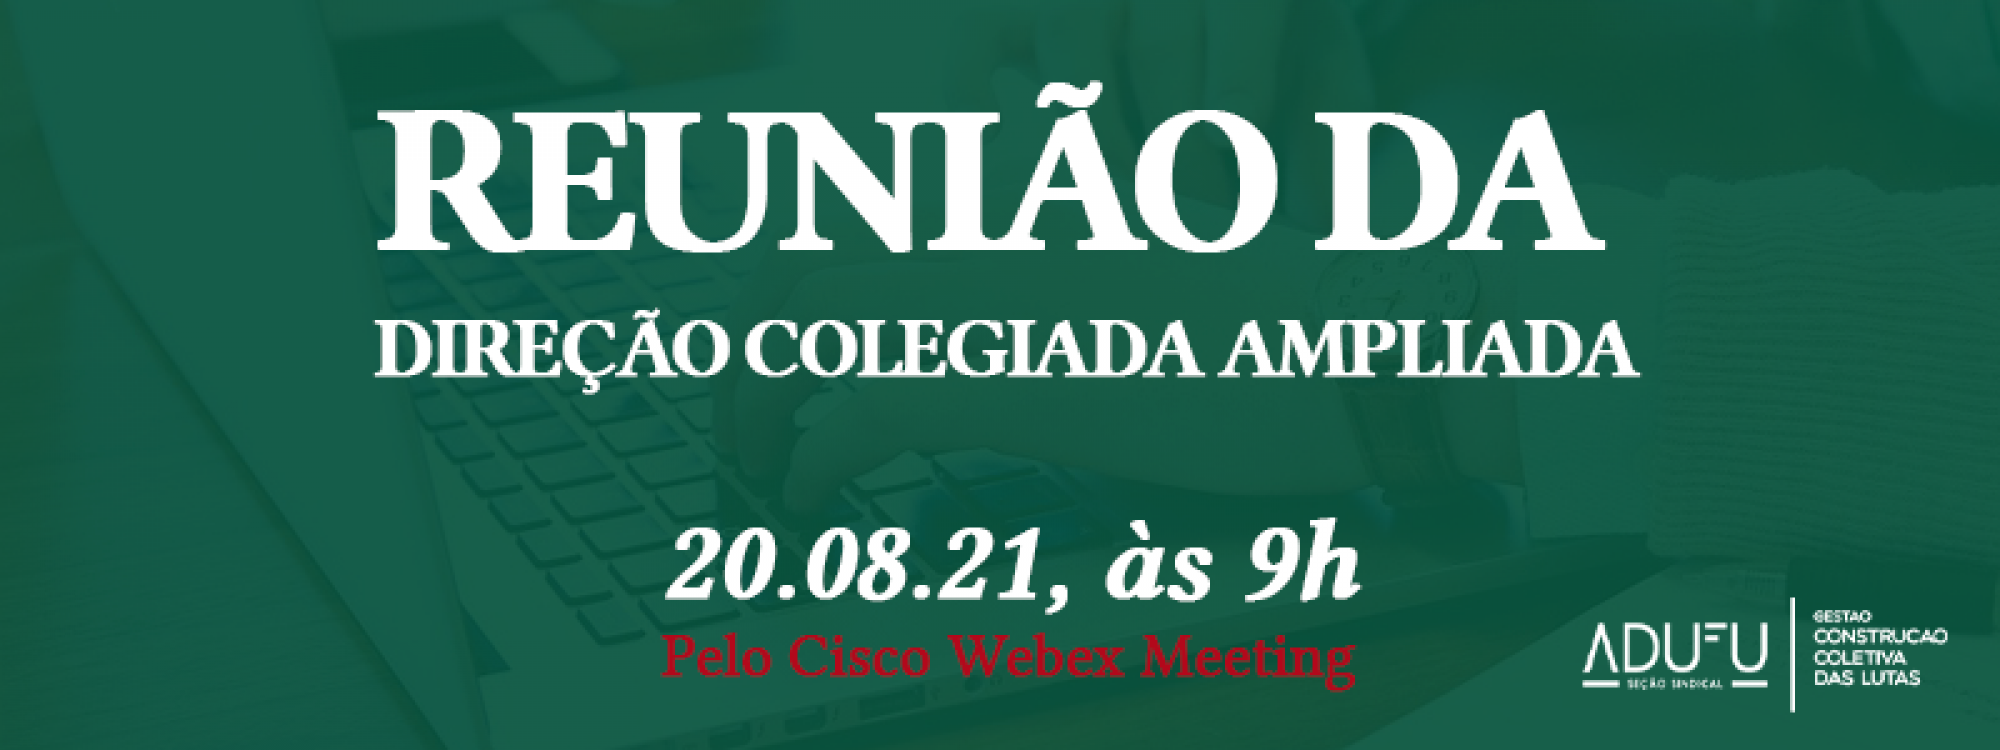 ADUFU realiza reunião da Direção Colegiada na próxima sexta-feira (20)